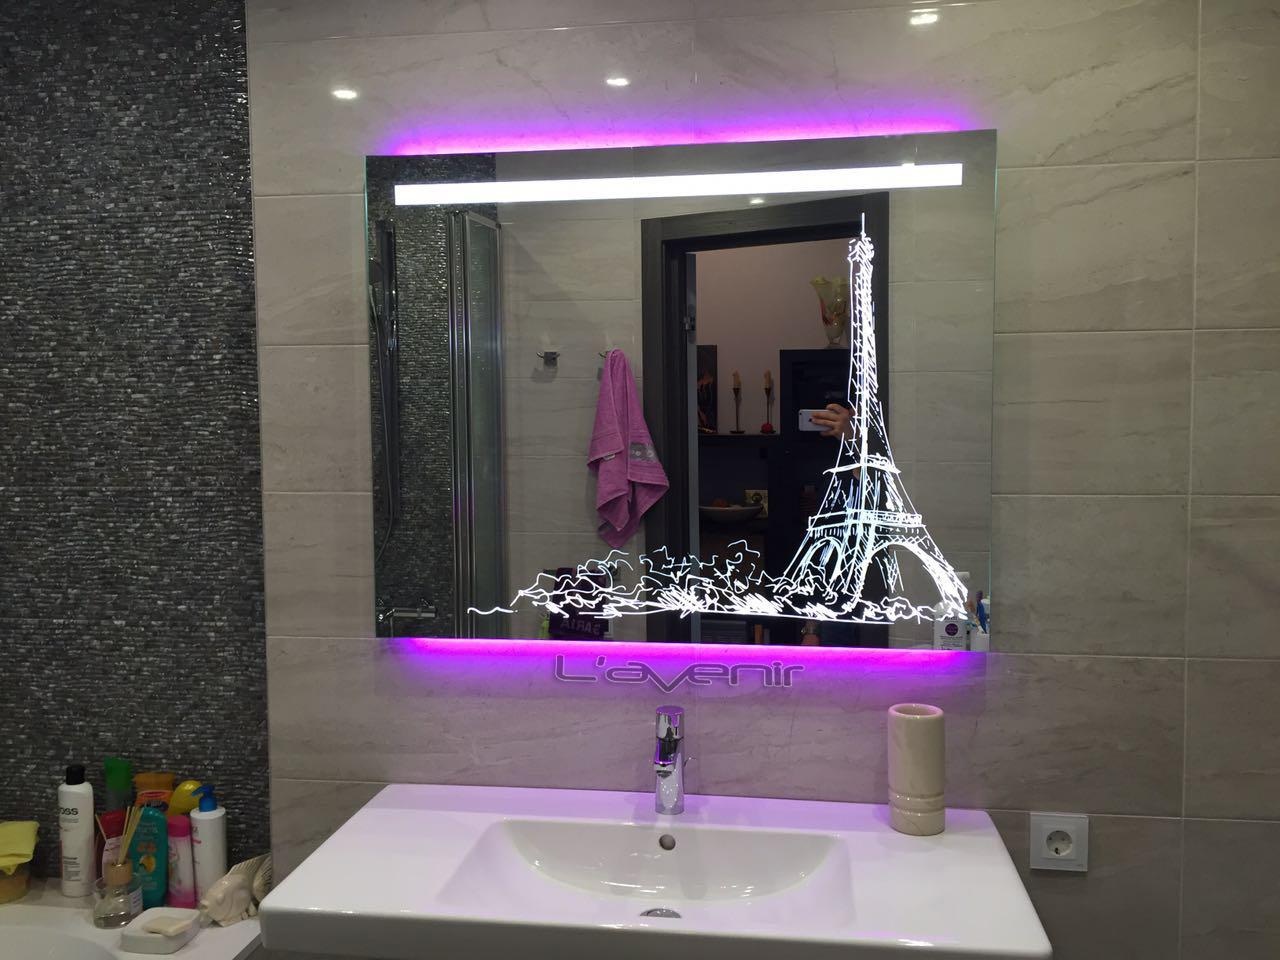 Зеркало с подсветкой, обогревом  и часами L'avenir